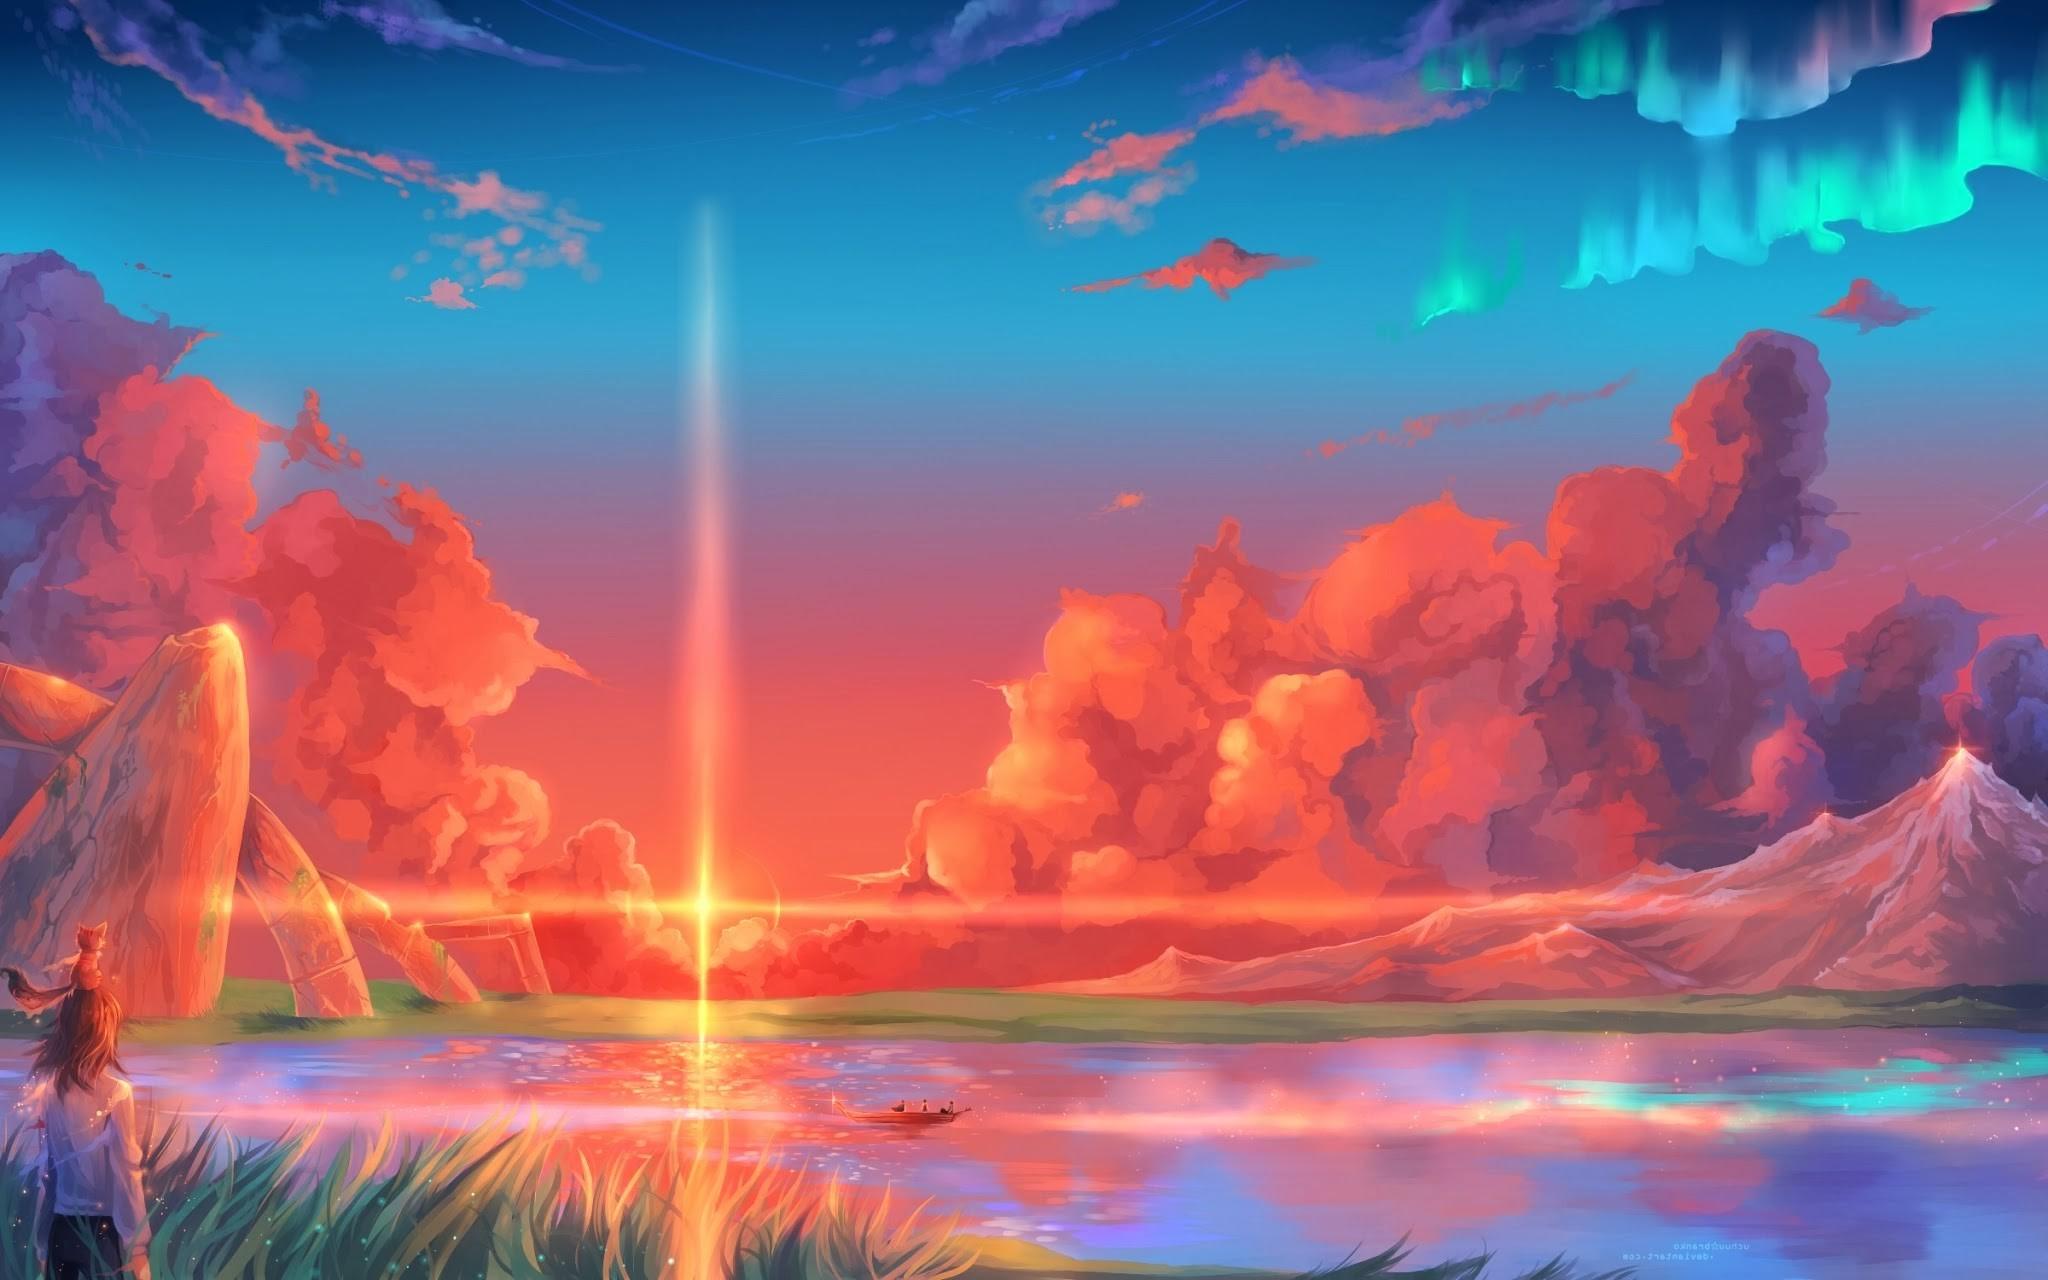 картинки рая абстракция плюс прозрачная вода